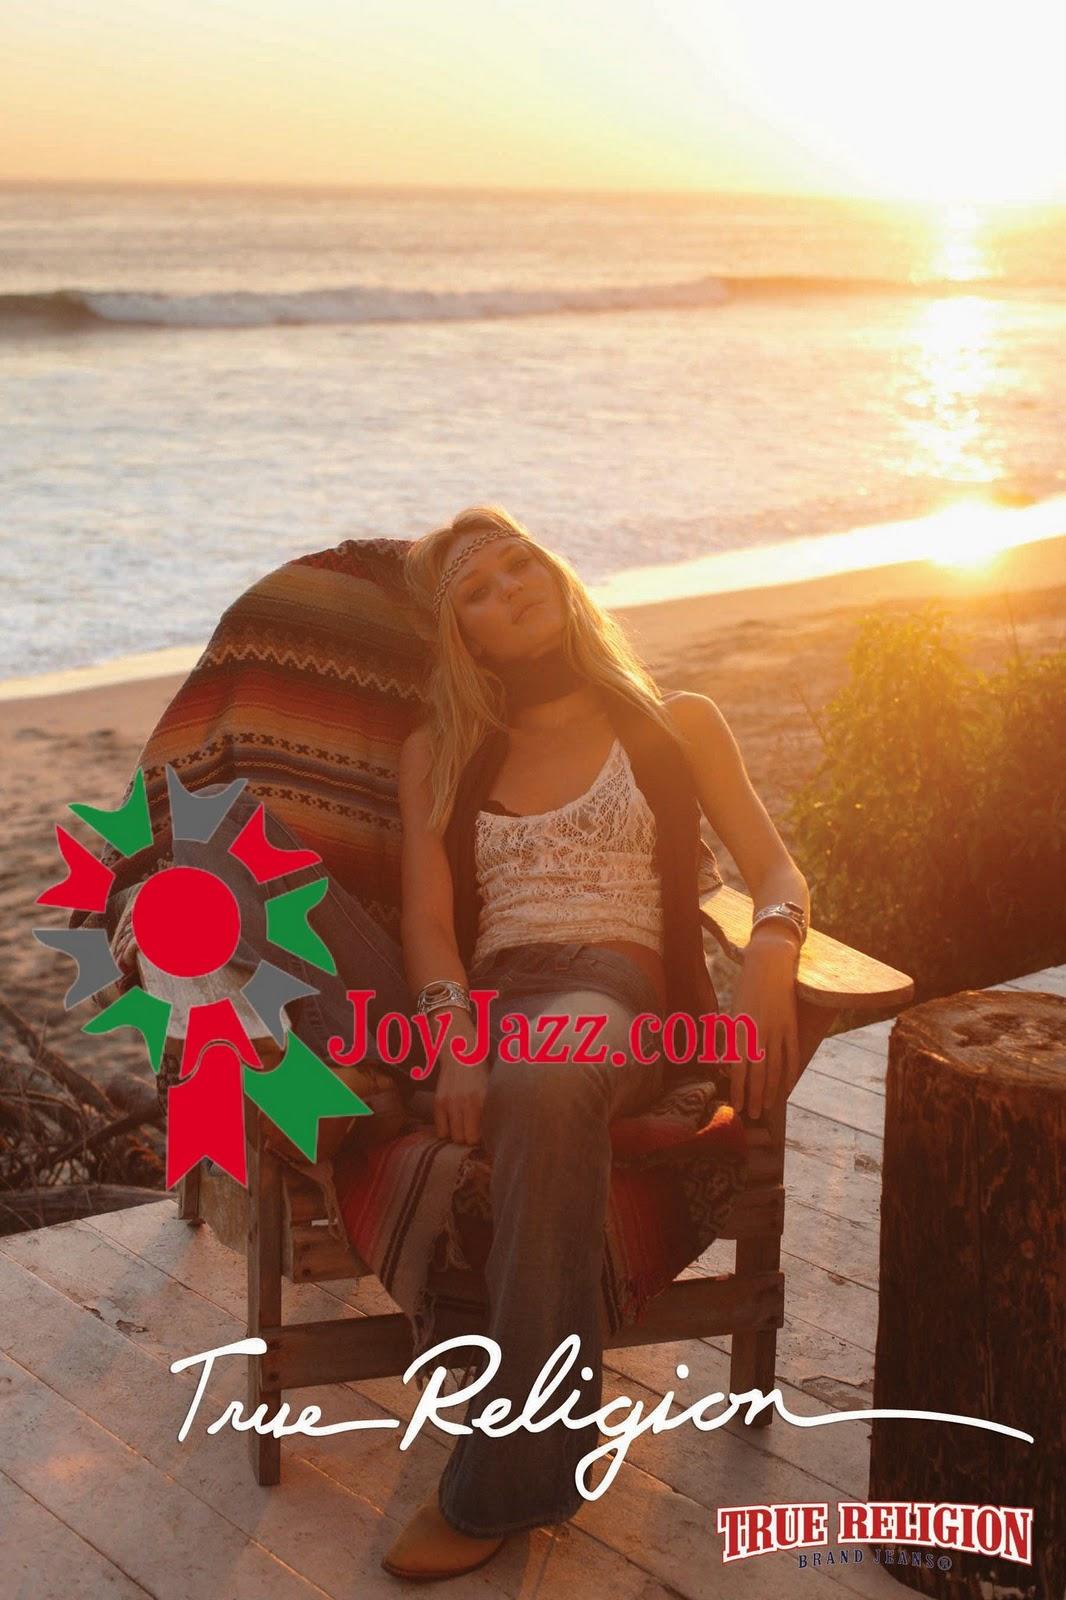 http://1.bp.blogspot.com/_0LdSrYkvVVk/TVLYuKYLWWI/AAAAAAAACXo/r_eE70iIw_Y/s1600/Candice-Swanepoel-62.jpg